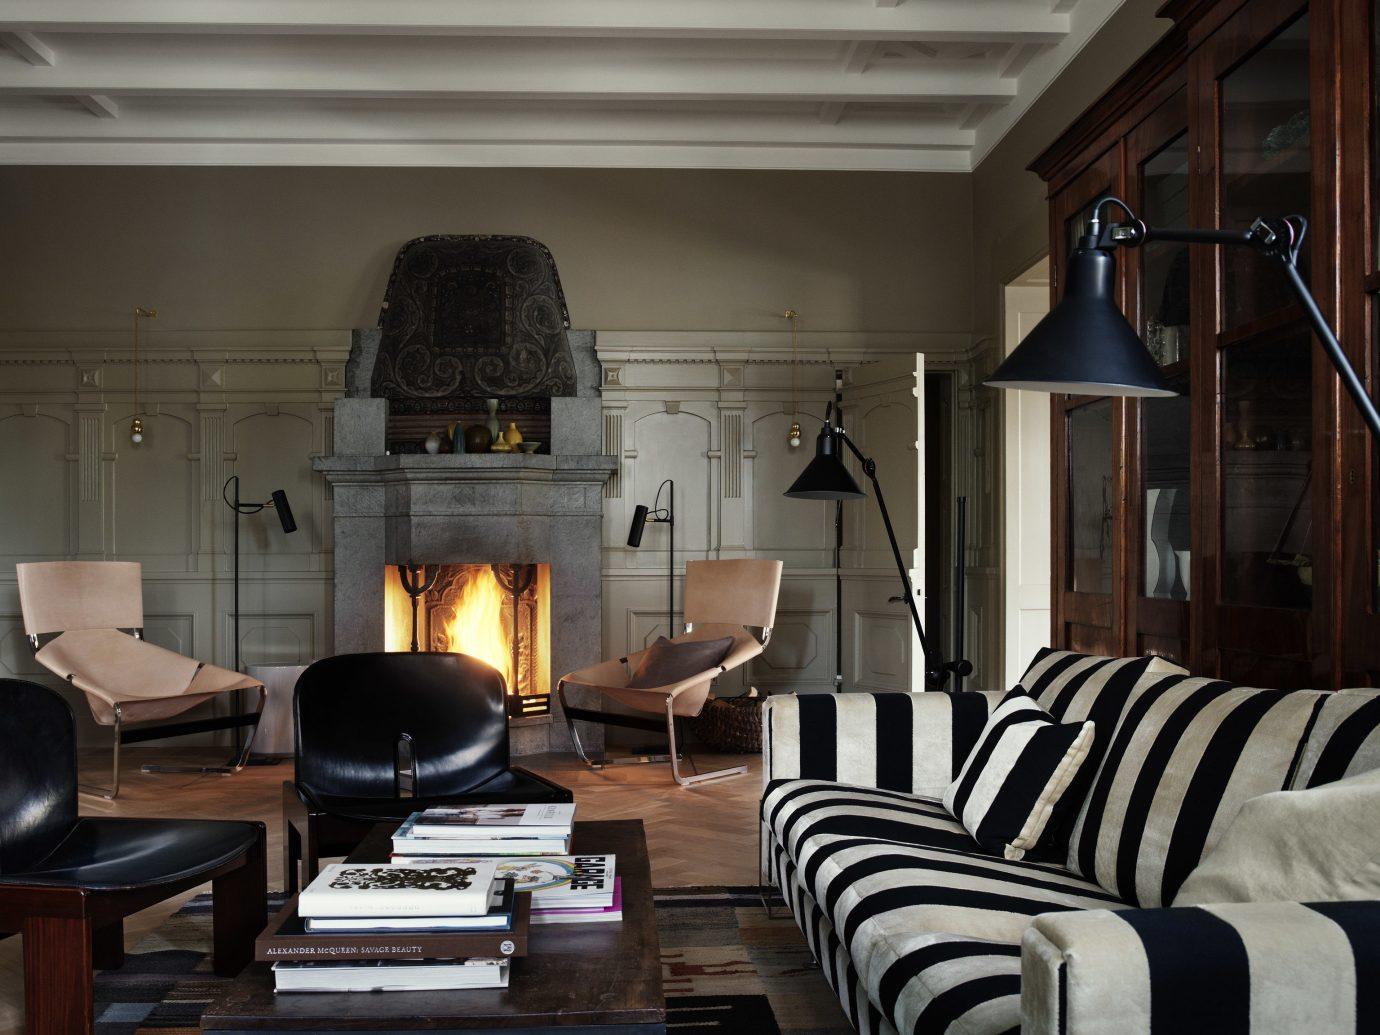 Design Hotels Stockholm Sweden indoor Living living room room interior design hearth home Fireplace ceiling wood burning stove furniture house interior designer leather